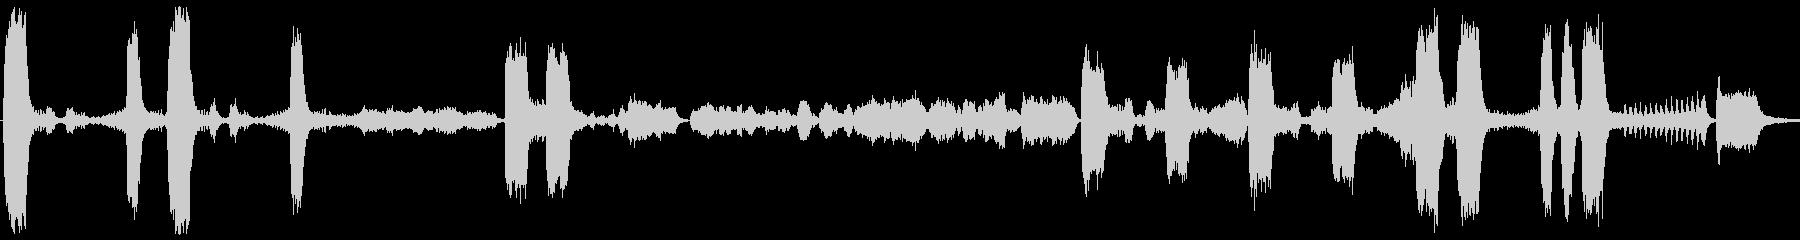 強弱激しいフルオーケストラ曲の未再生の波形